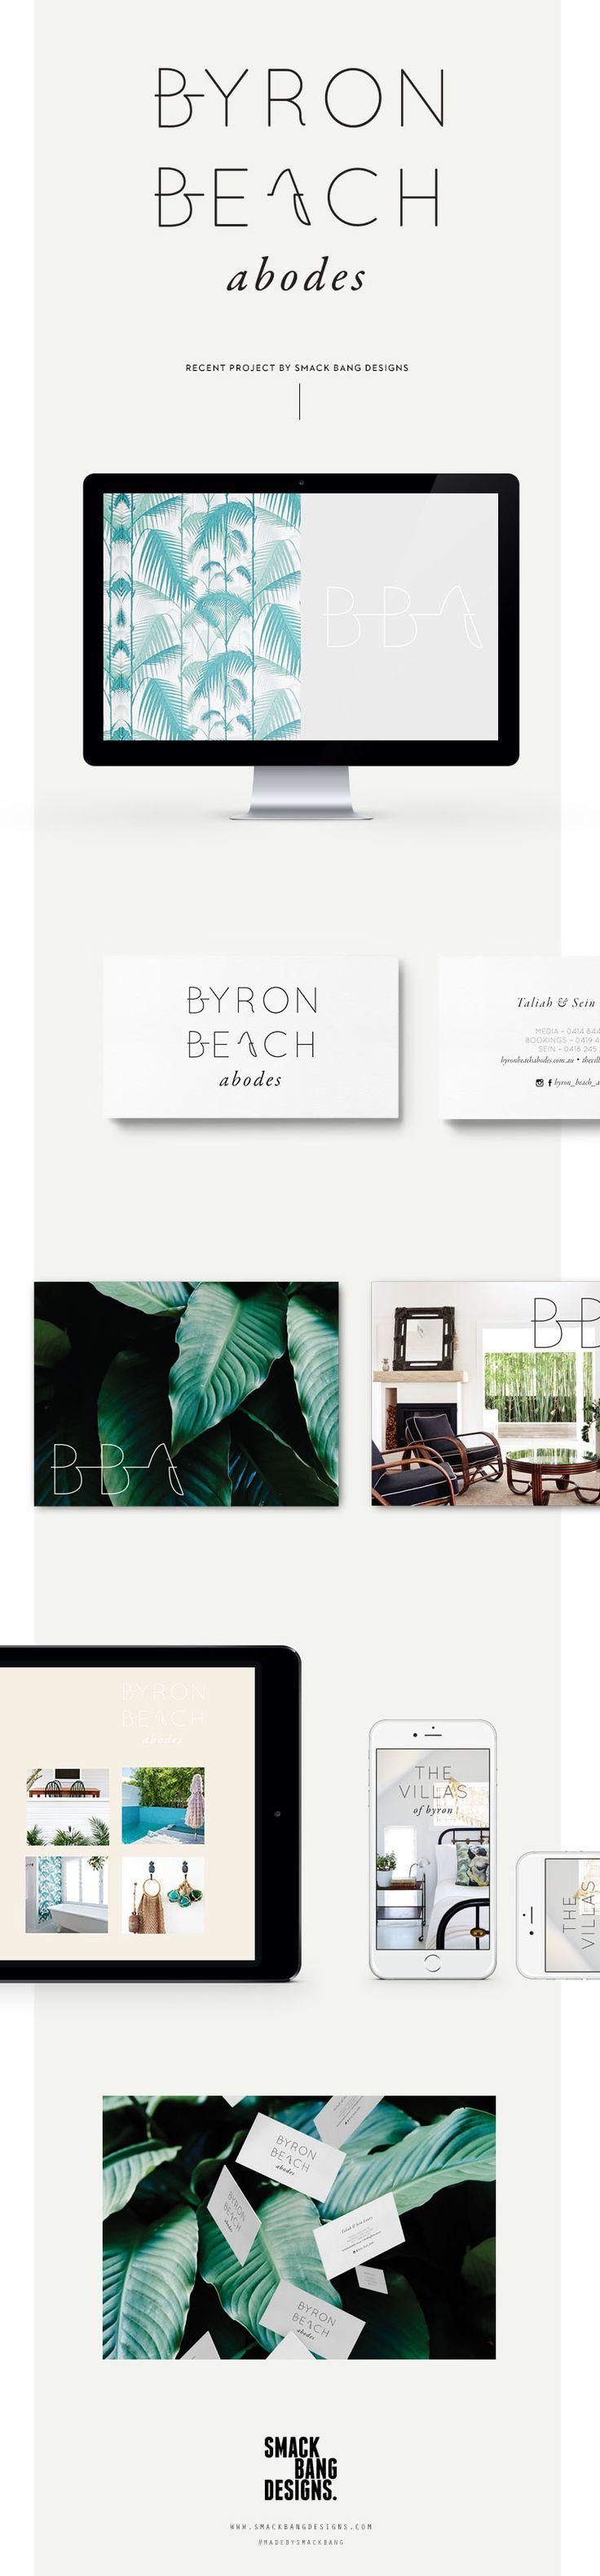 513 best Branding images on Pinterest